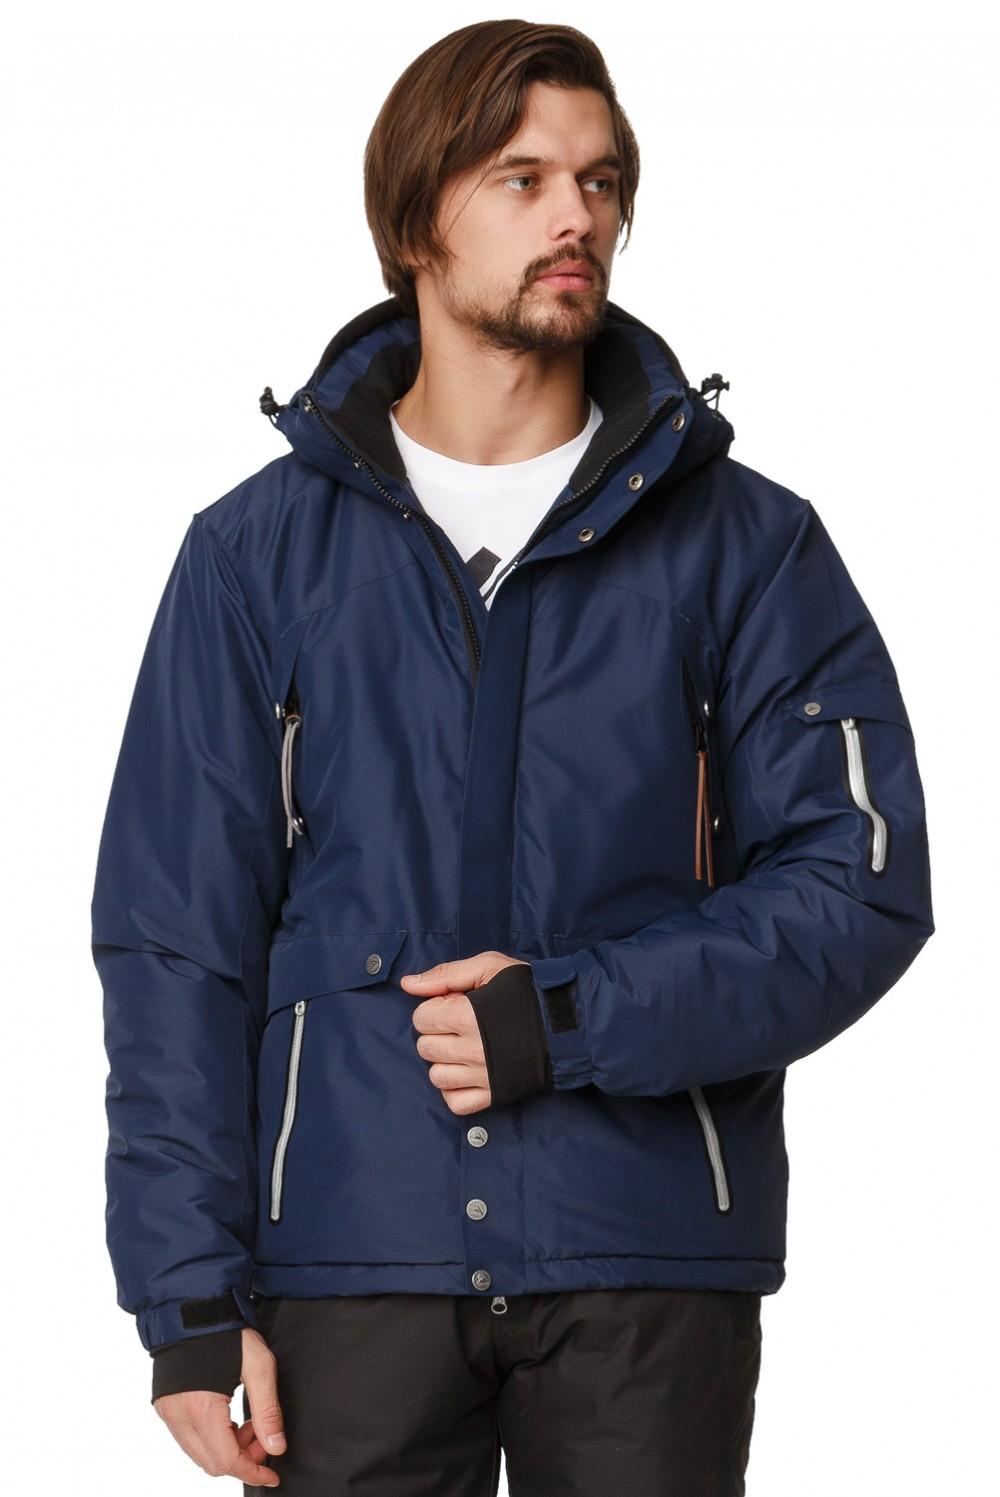 Купить Куртка горнолыжная мужская темно-синего цвета 1788TS